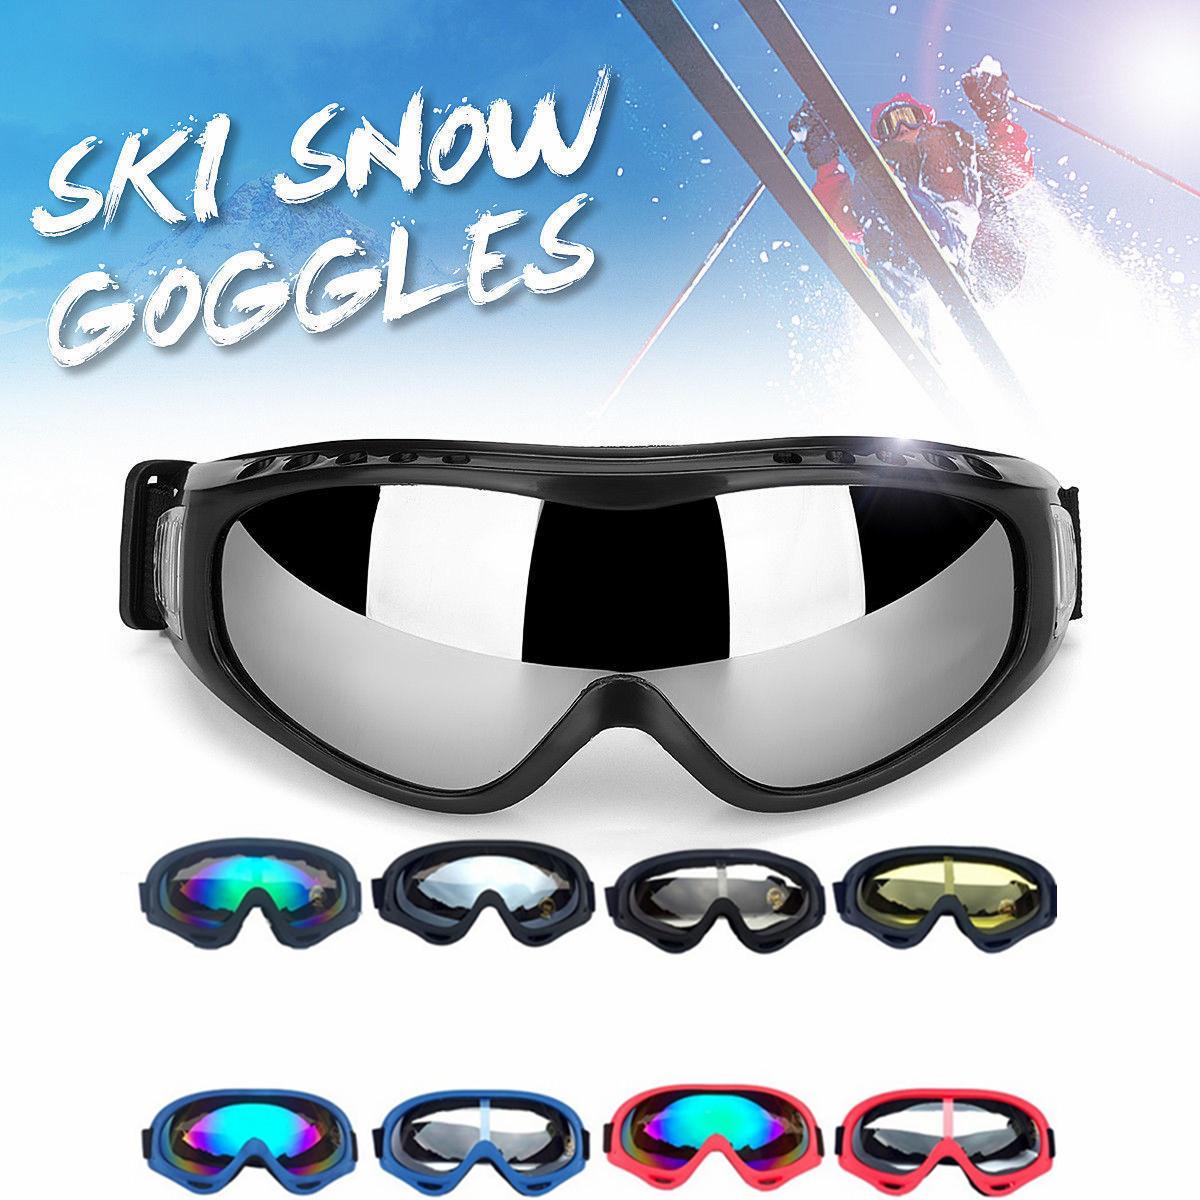 2b3c657bb209 Details about Anti-fog Dust Wind UV Water Snow Glasses Snowboard Goggles  Helmet Ski Sunglasses